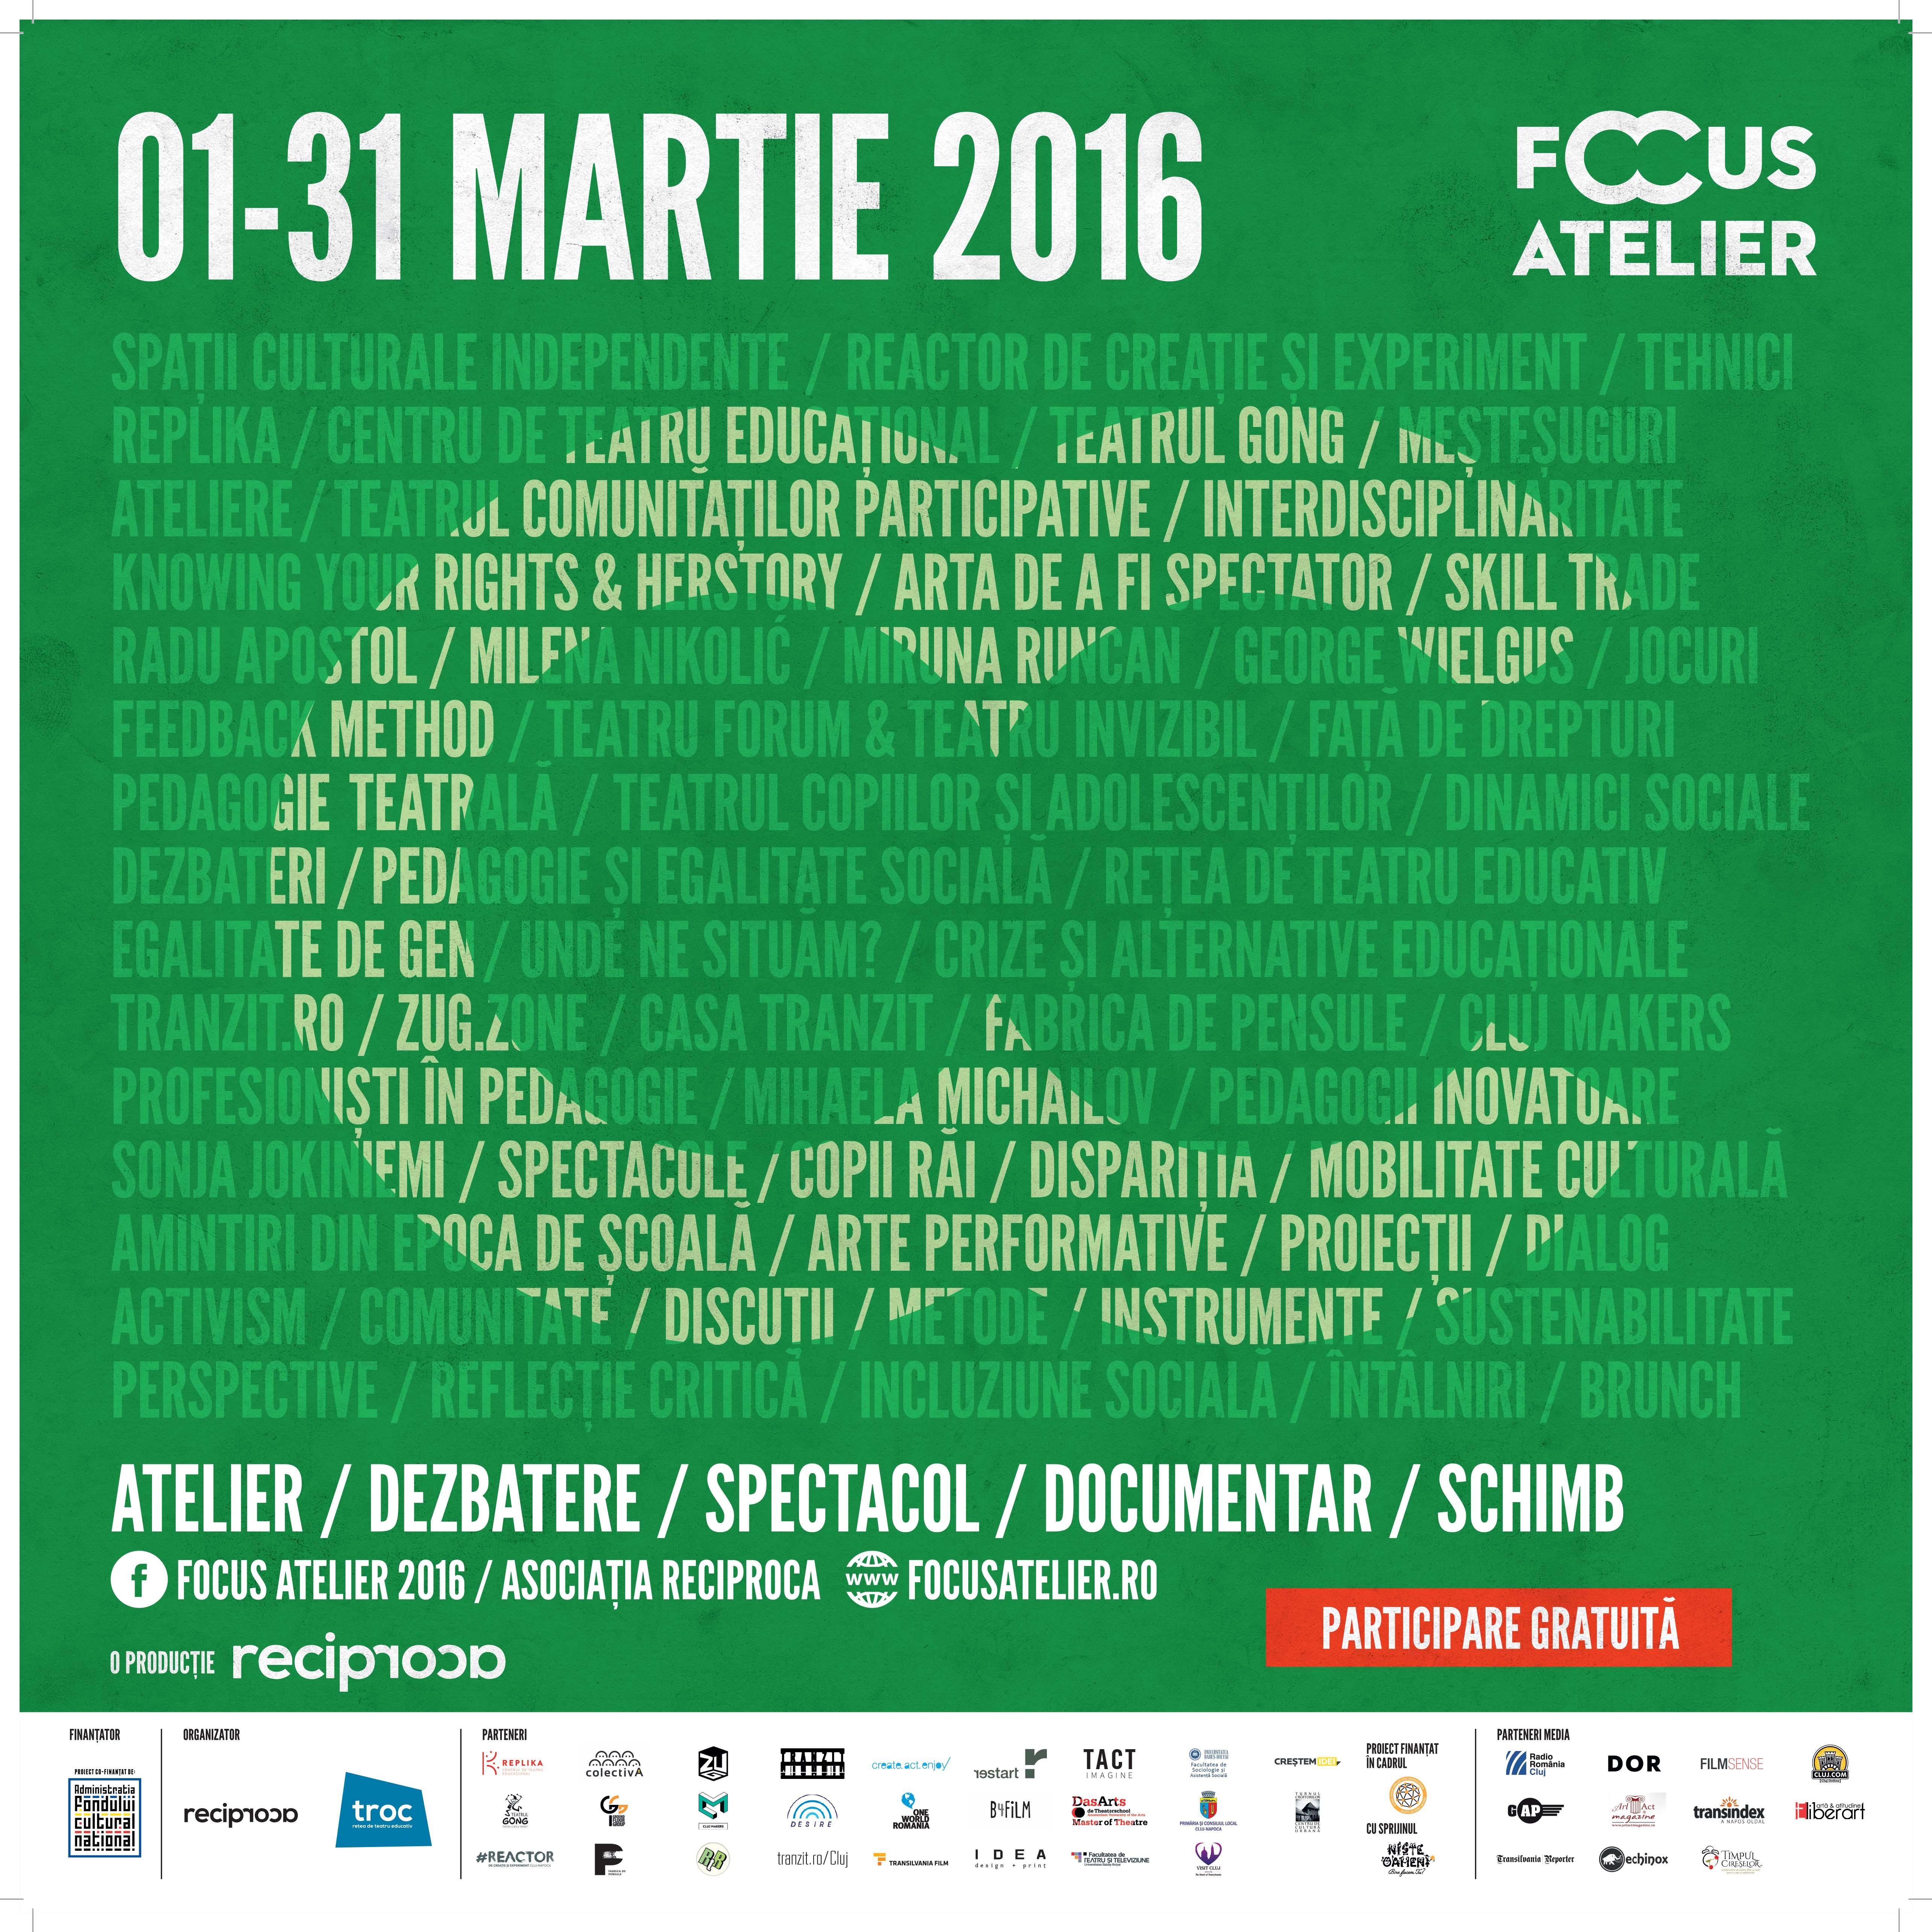 afis focus atelier 2016